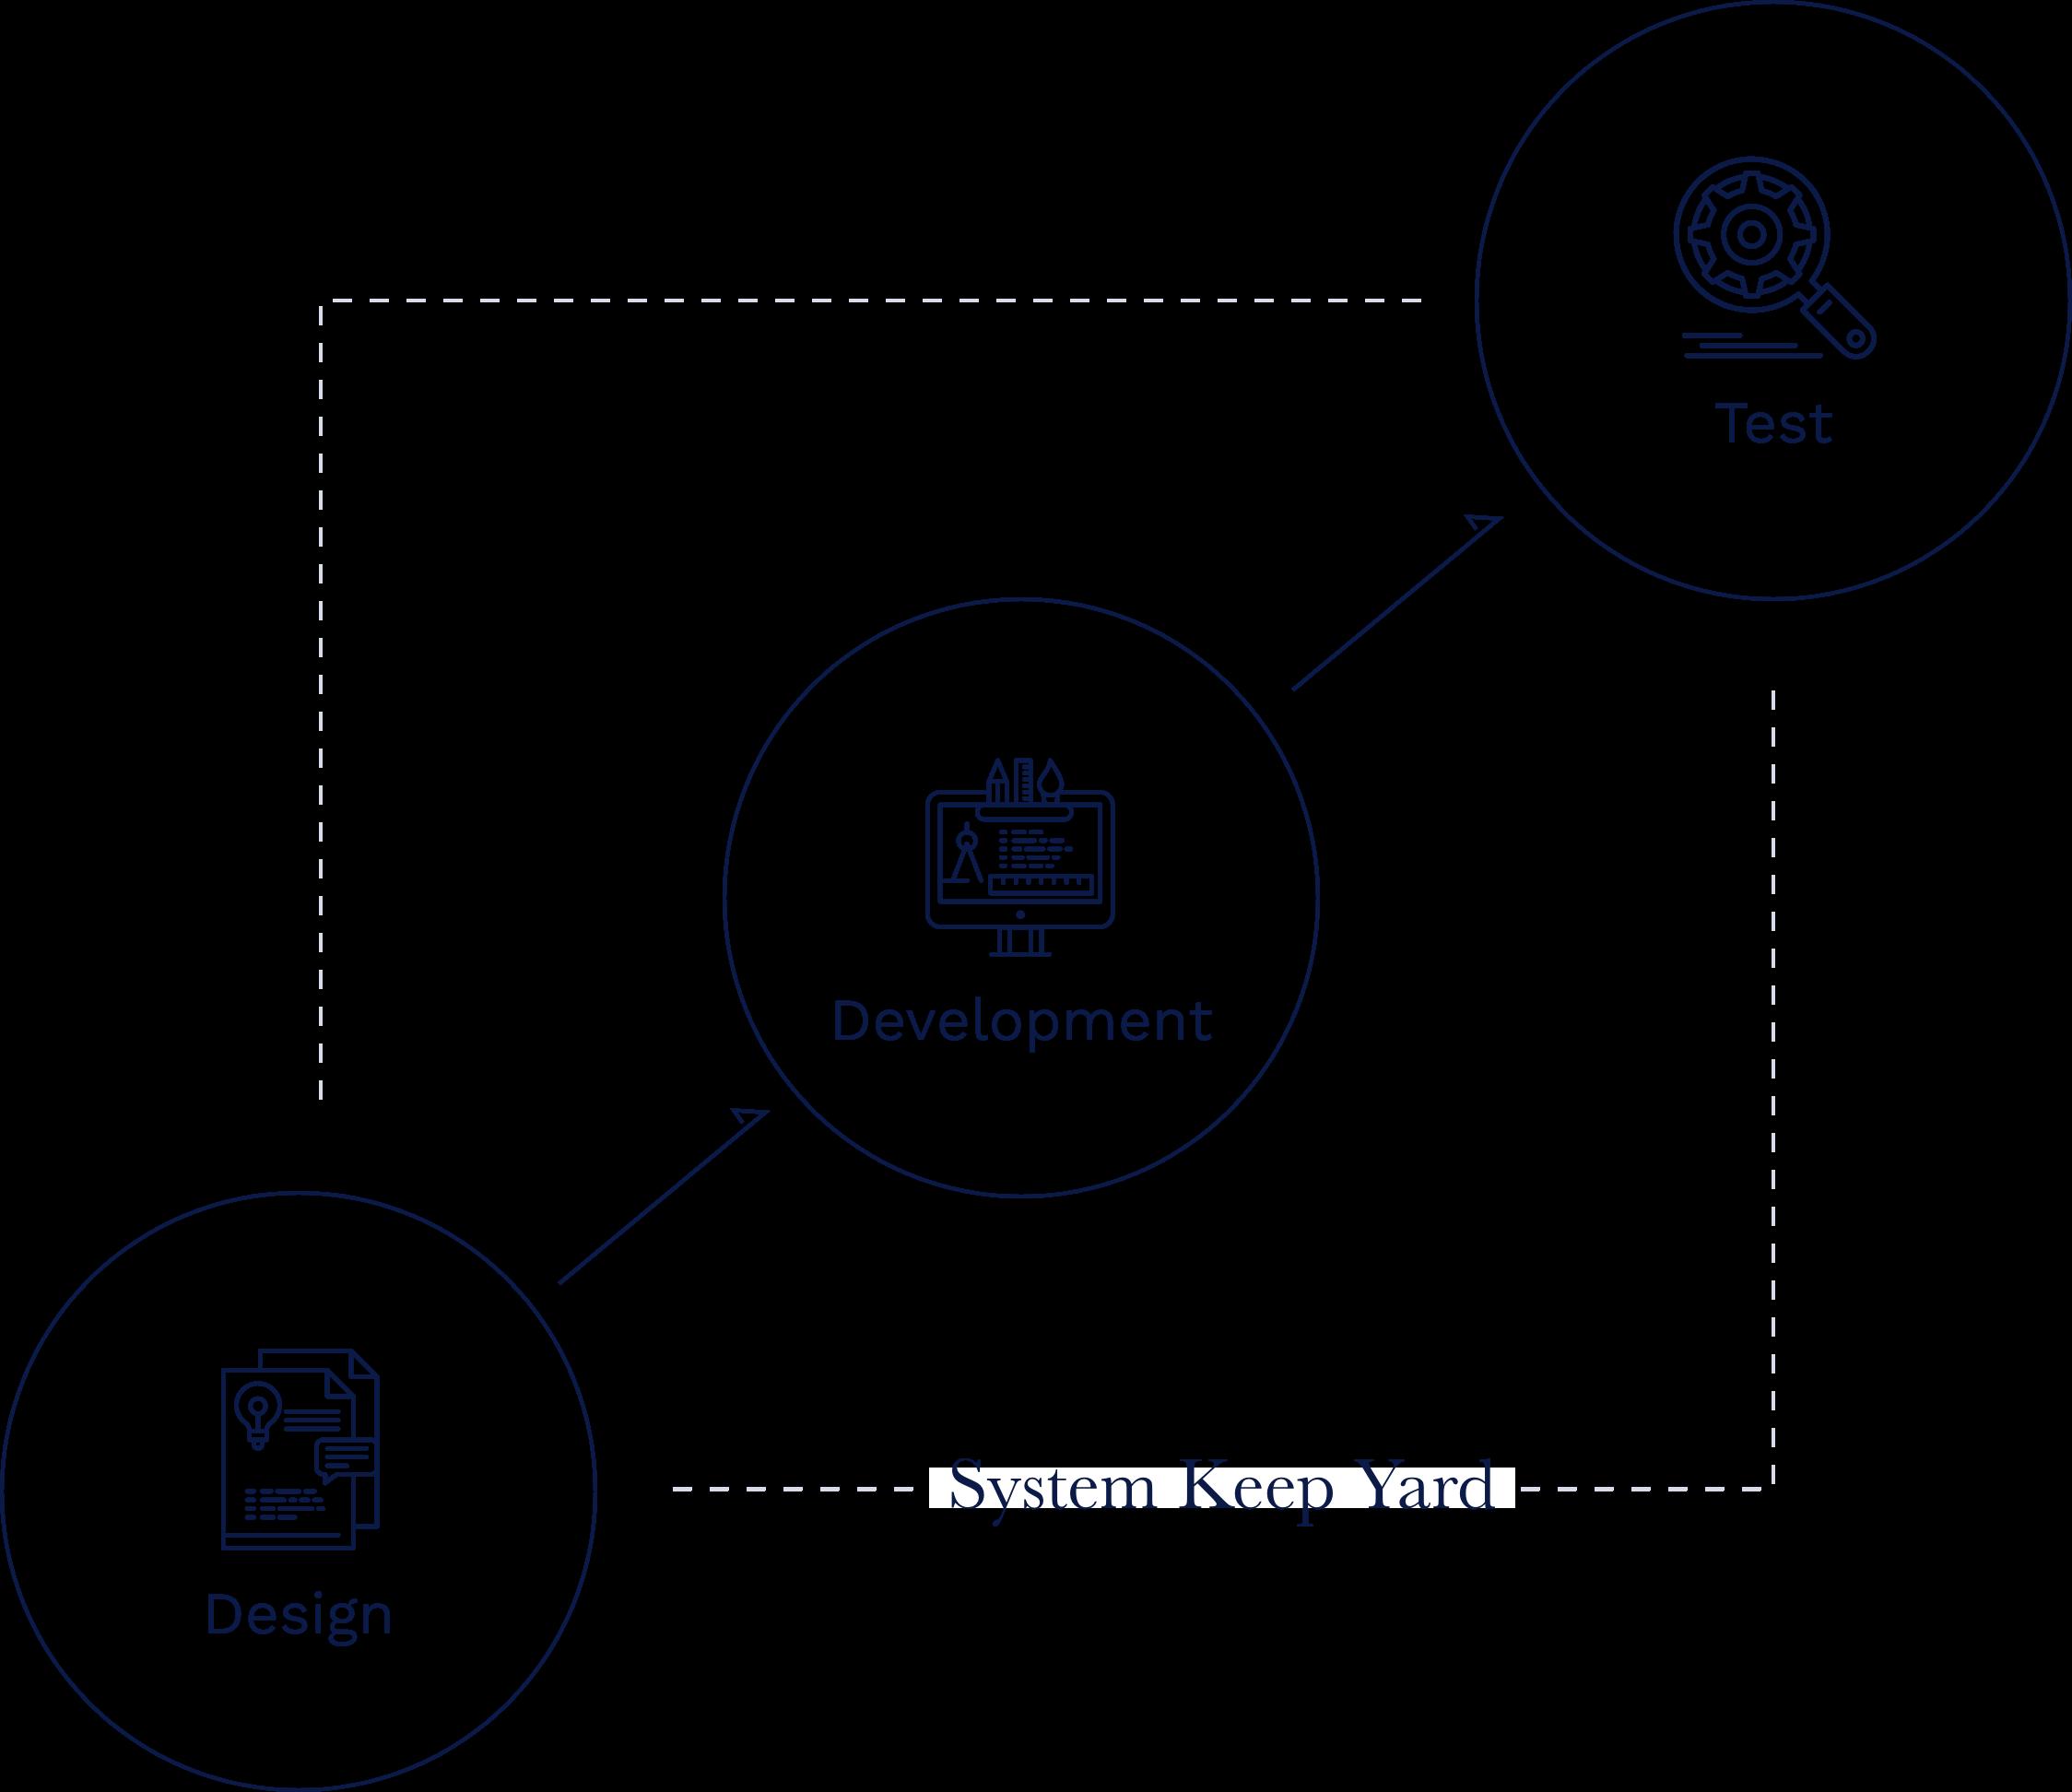 システム開発フロー イメージ図 Design→Development→test